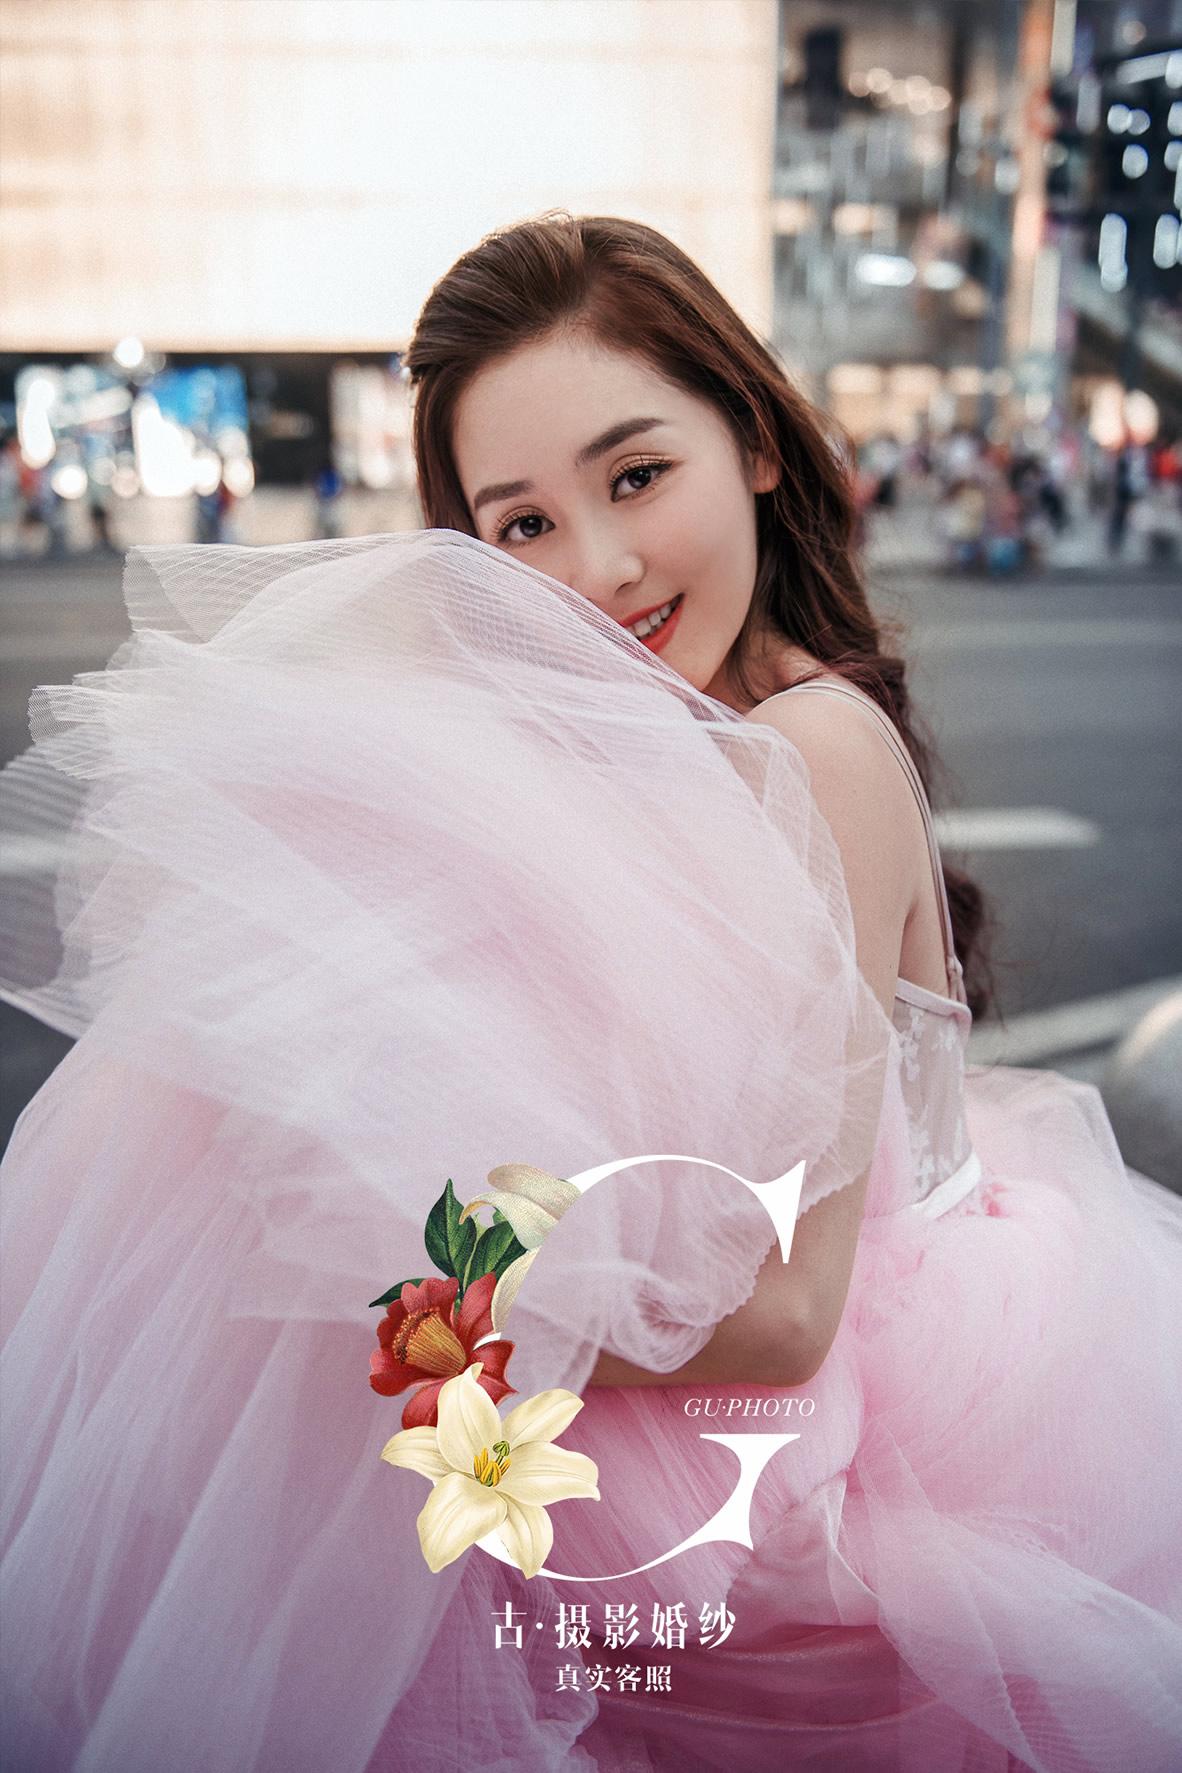 张小姐夫妇 - 每日客照 - 广州婚纱摄影-广州古摄影官网